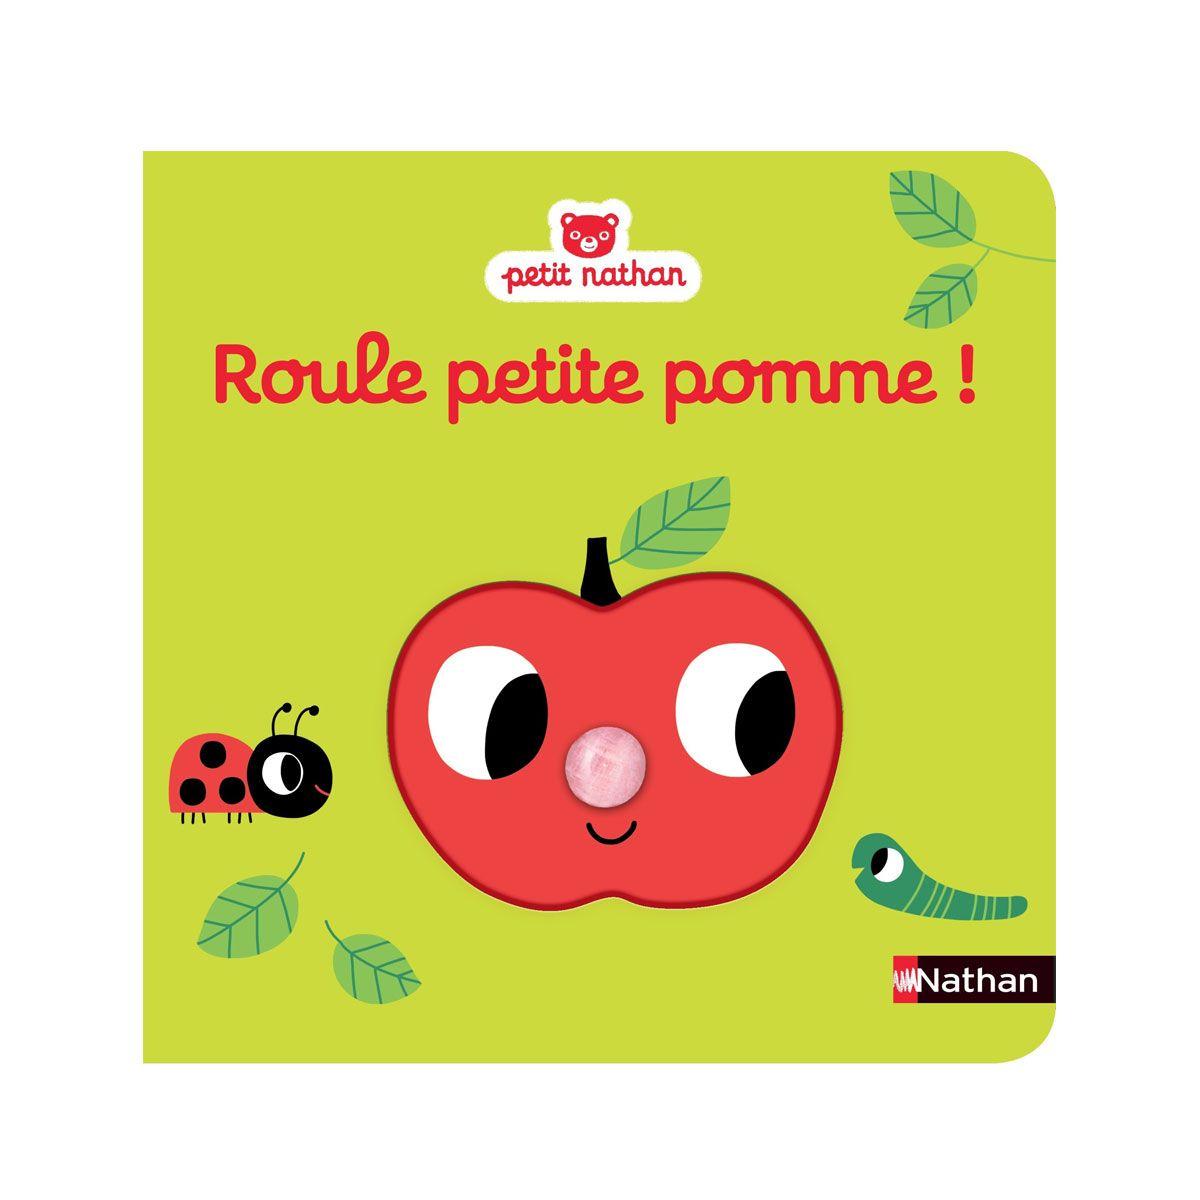 Livre Roule Petite Pomme Pour Enfant De 6 Mois À 2 Ans encequiconcerne Jeux En Ligne 2 Ans